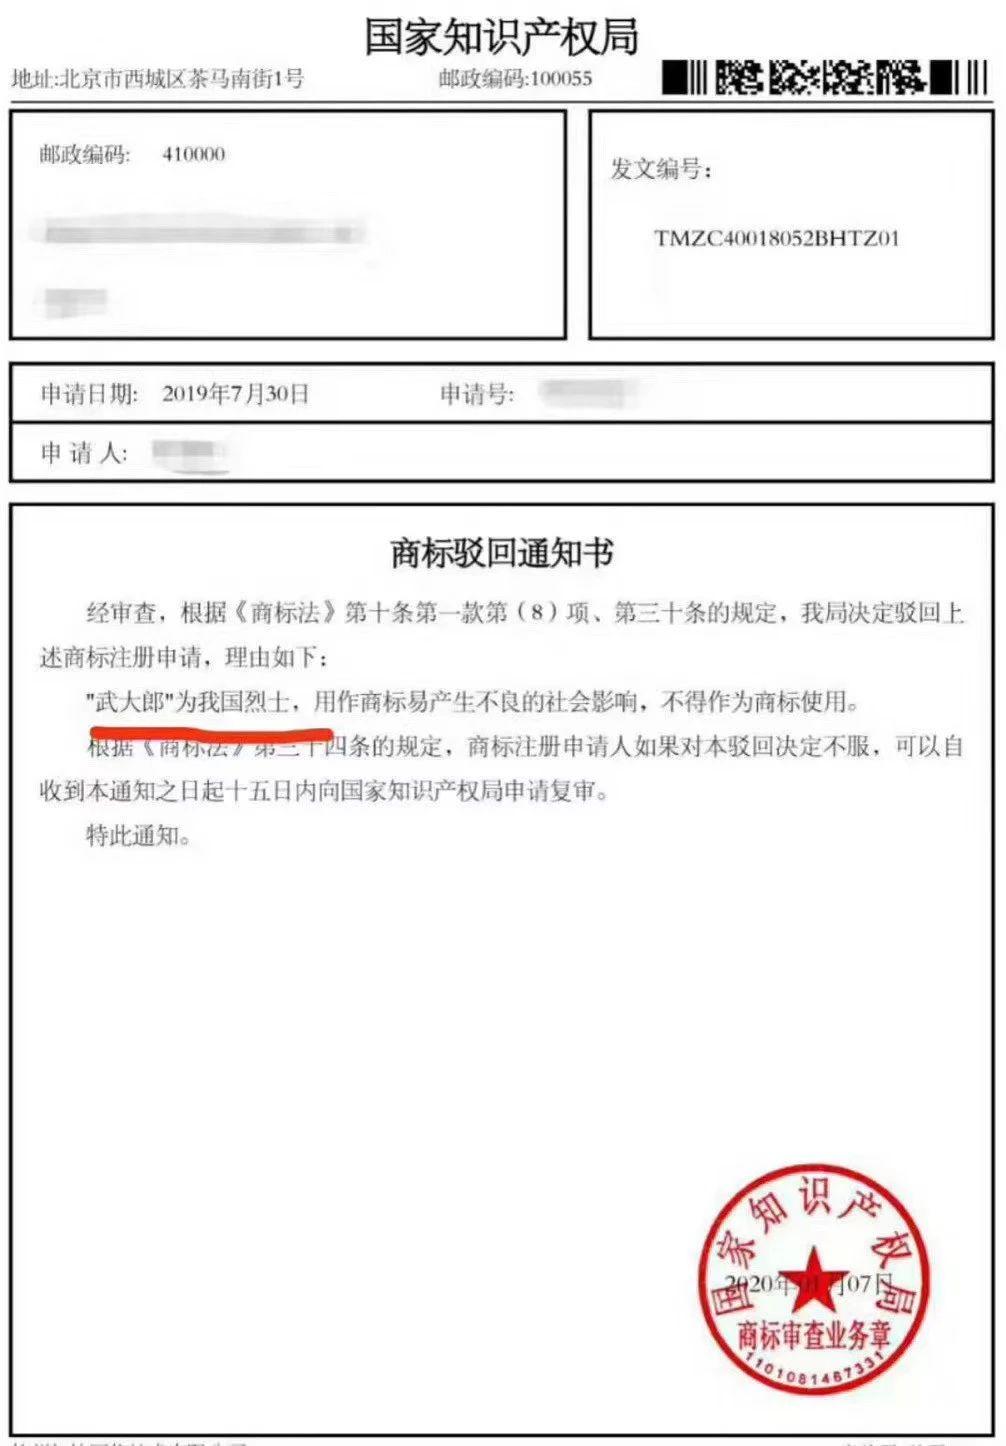 """""""武大郎""""商标因烈士被驳回?烈士姓名禁用商标"""